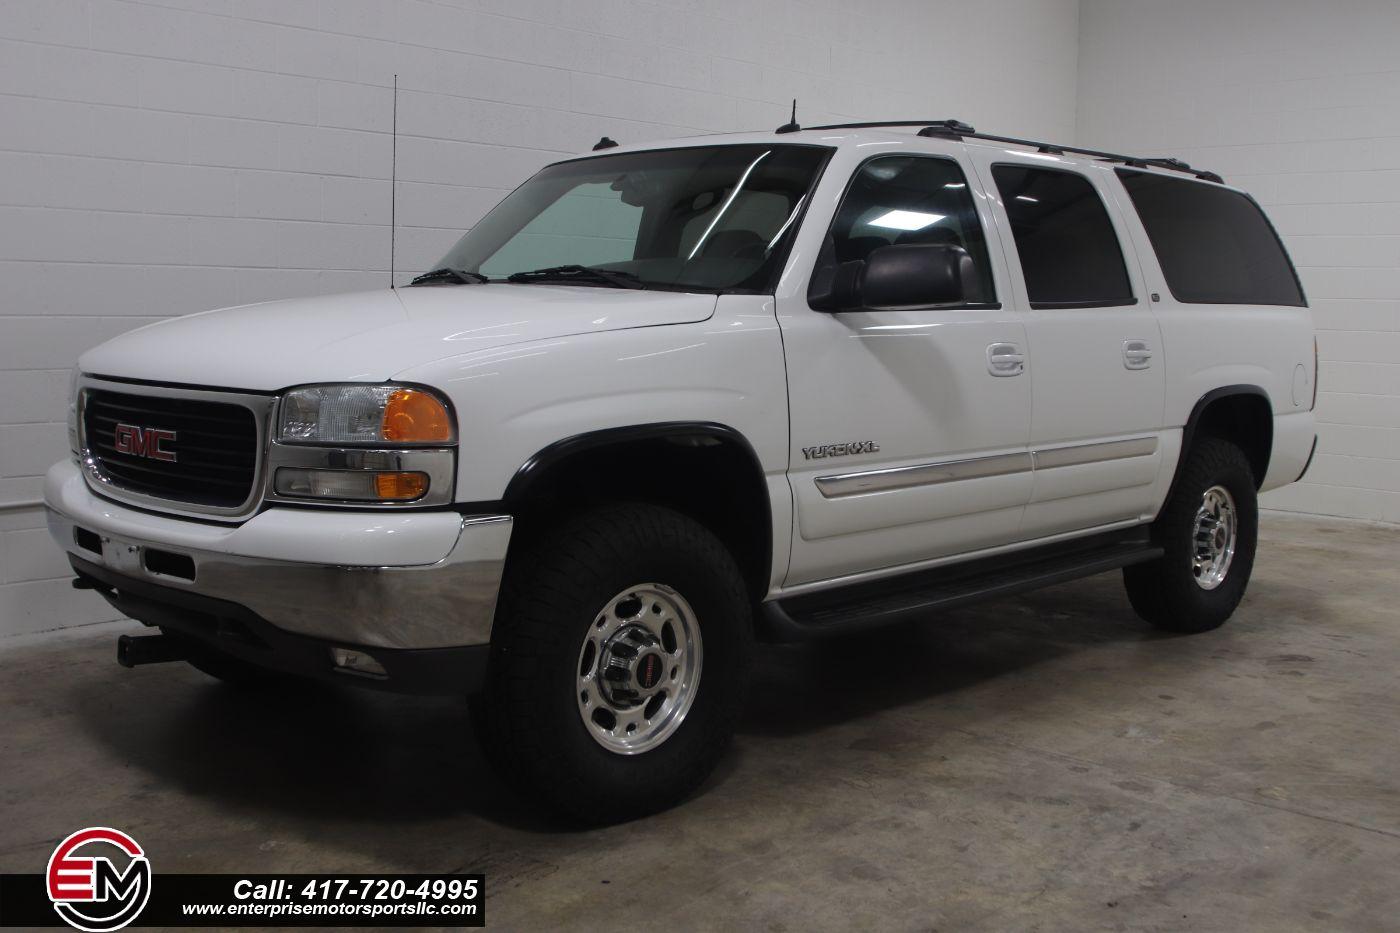 2003 GMC Yukon XL 2500 SLT